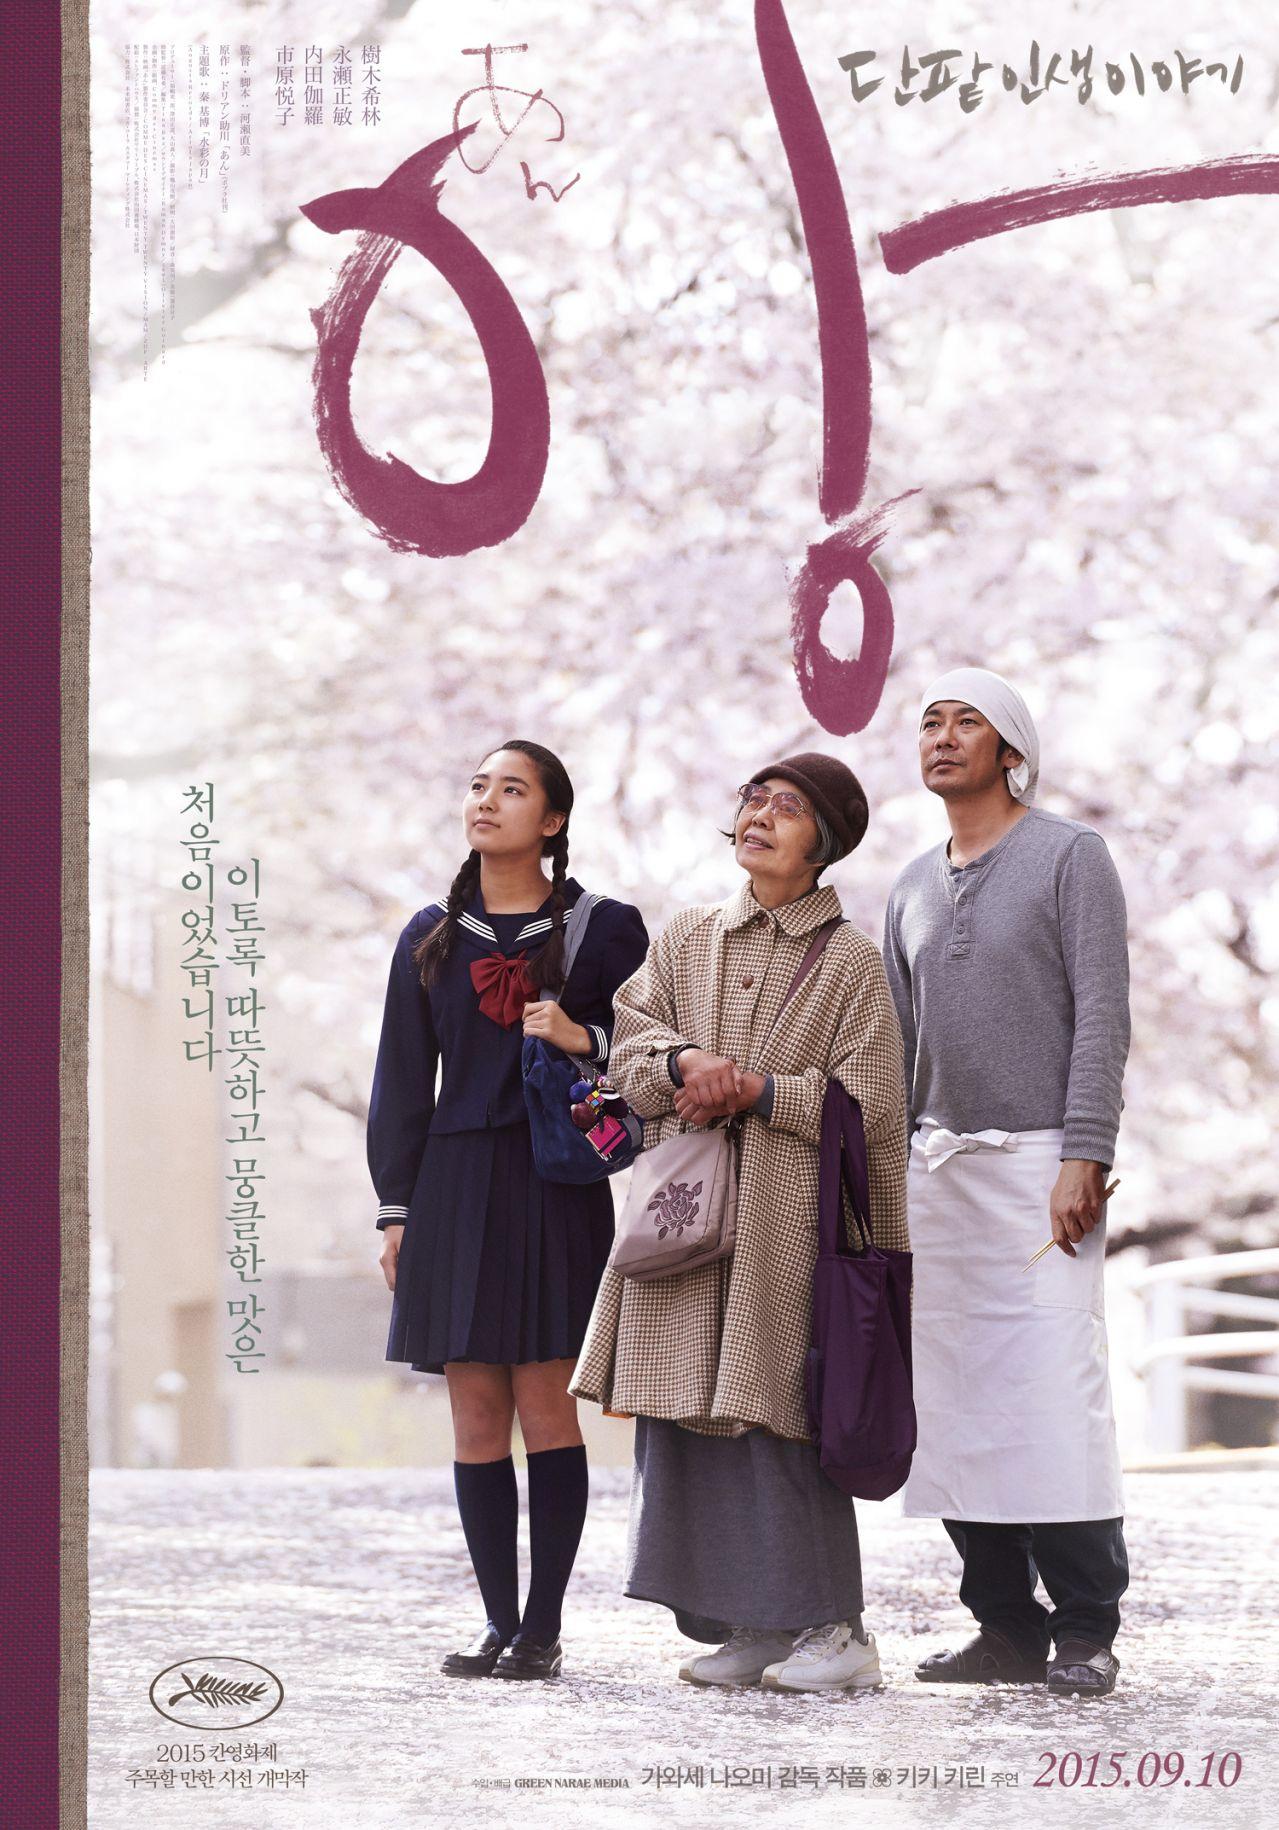 40 앙 단팥 인생 이야기.jpg 이것만큼은 꼭 추천하는 일본영화 ㅇㄷ .jpg